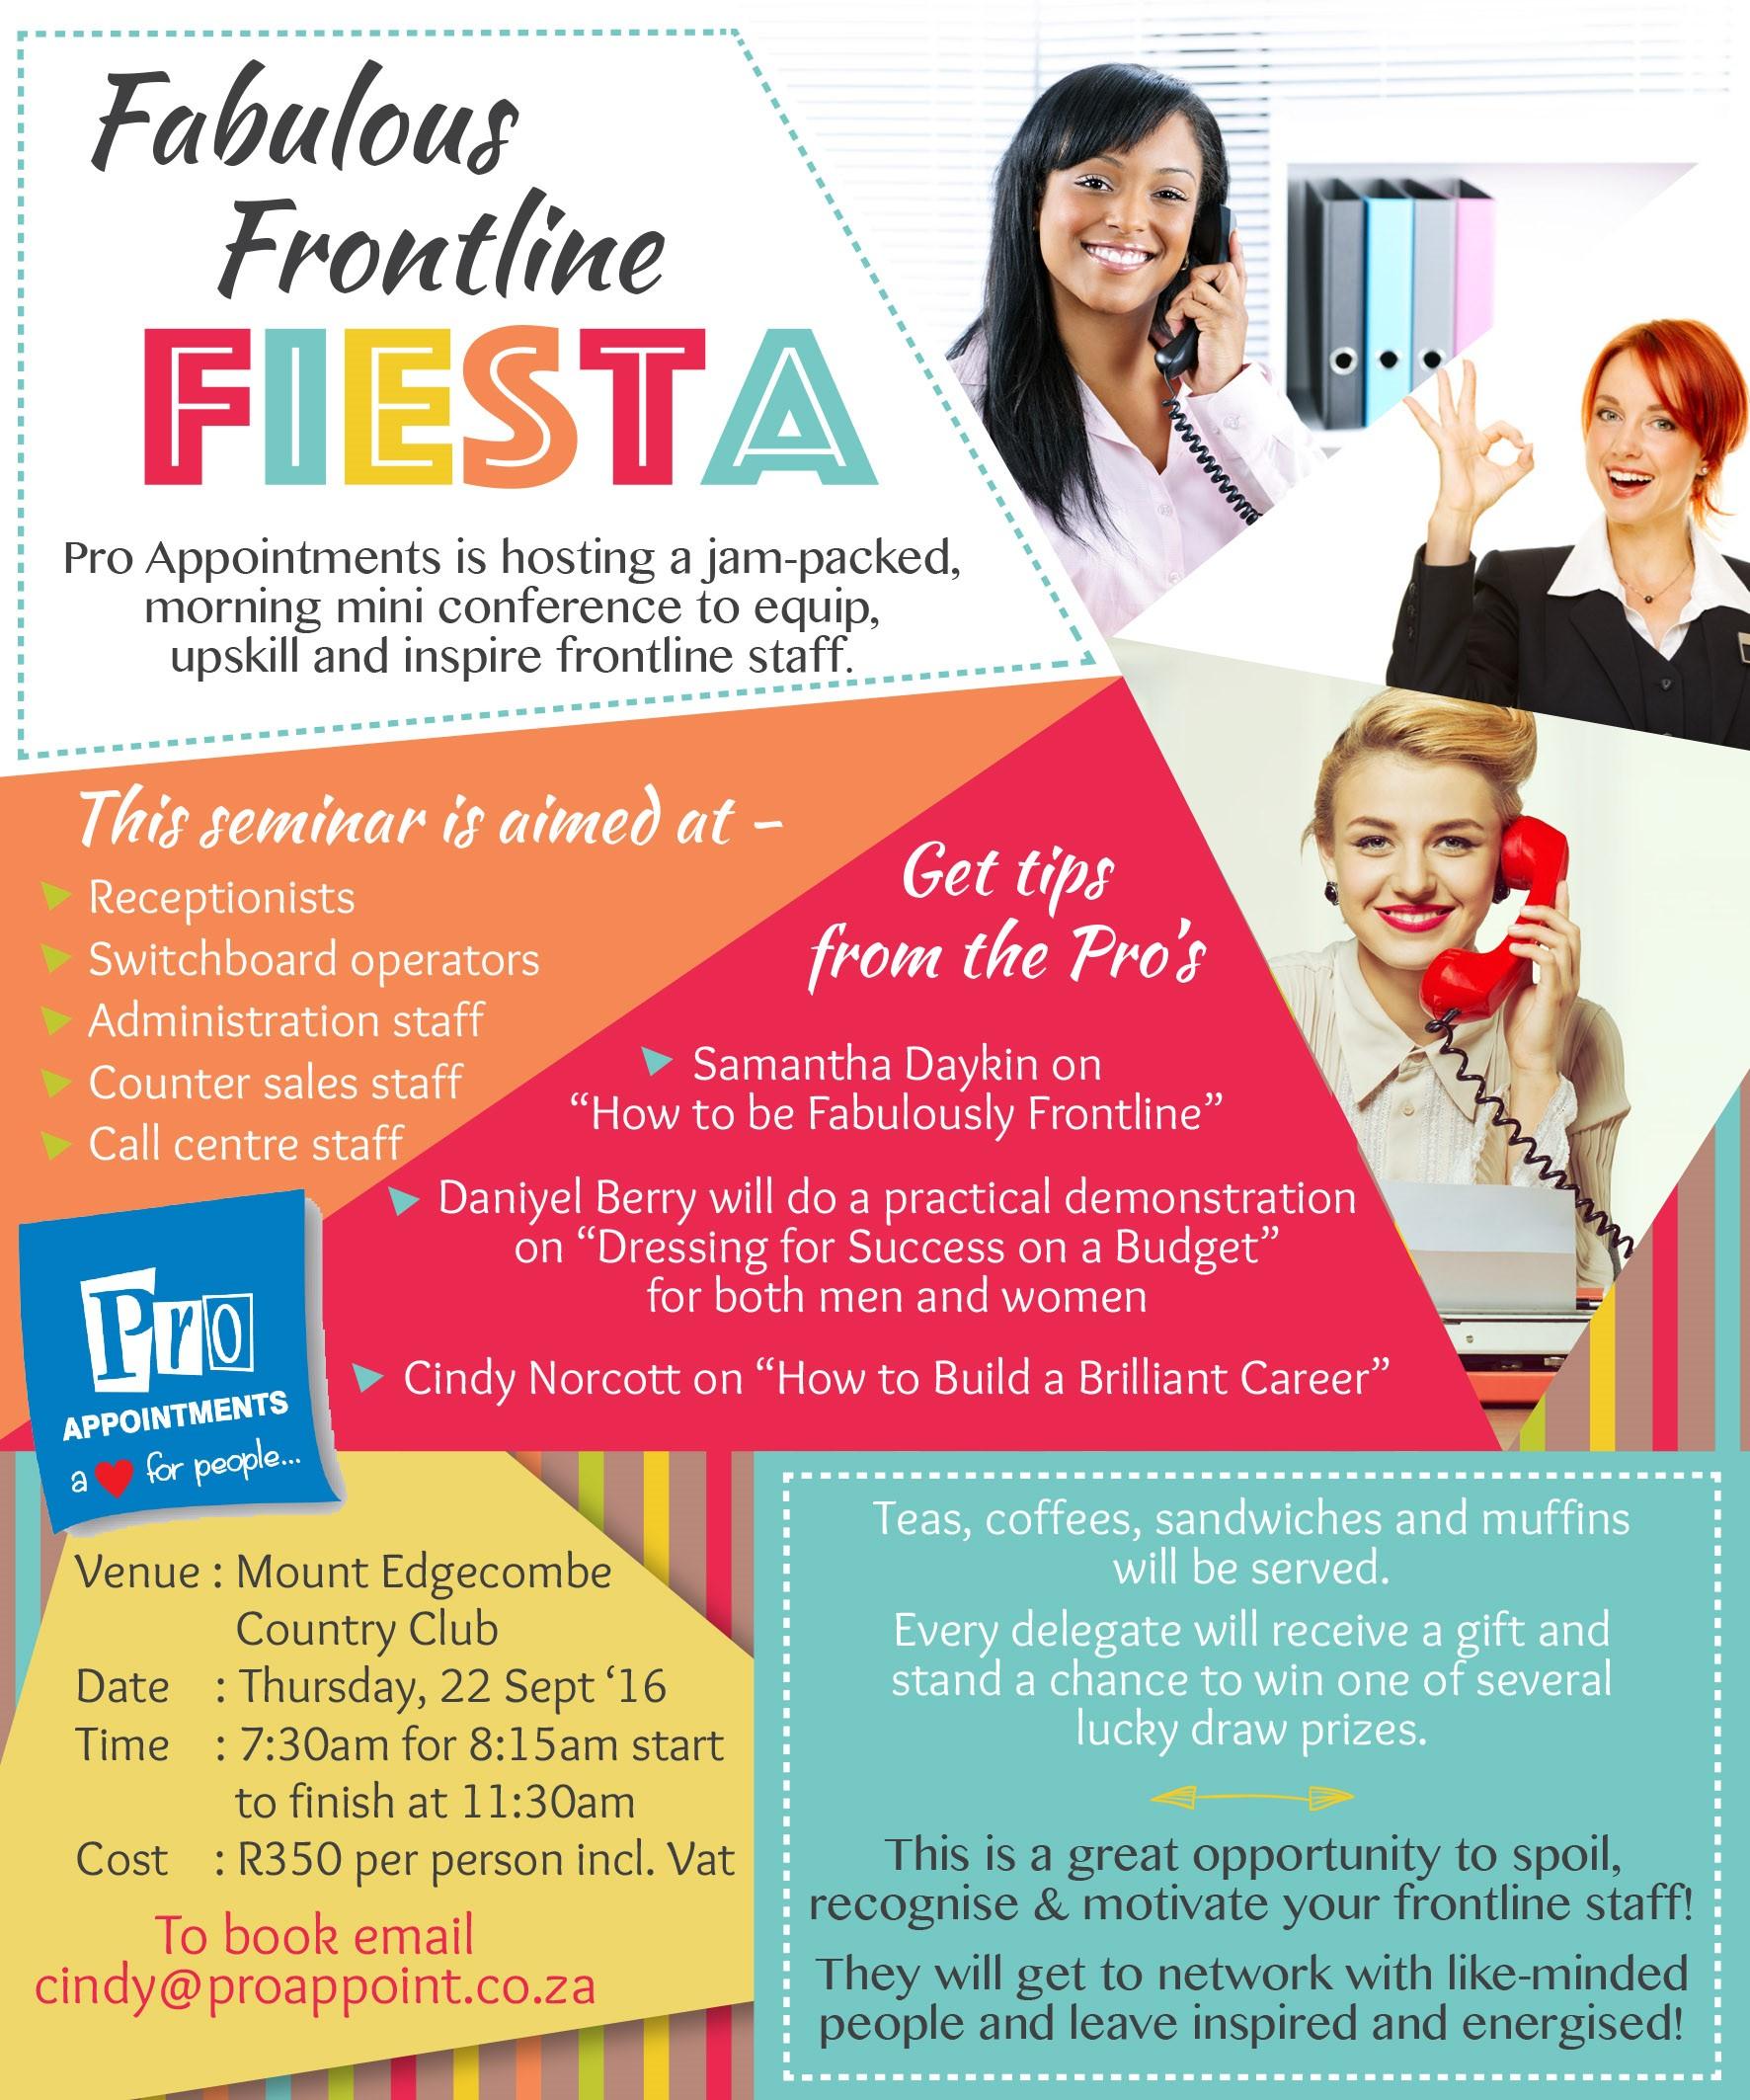 frontline_fiesta